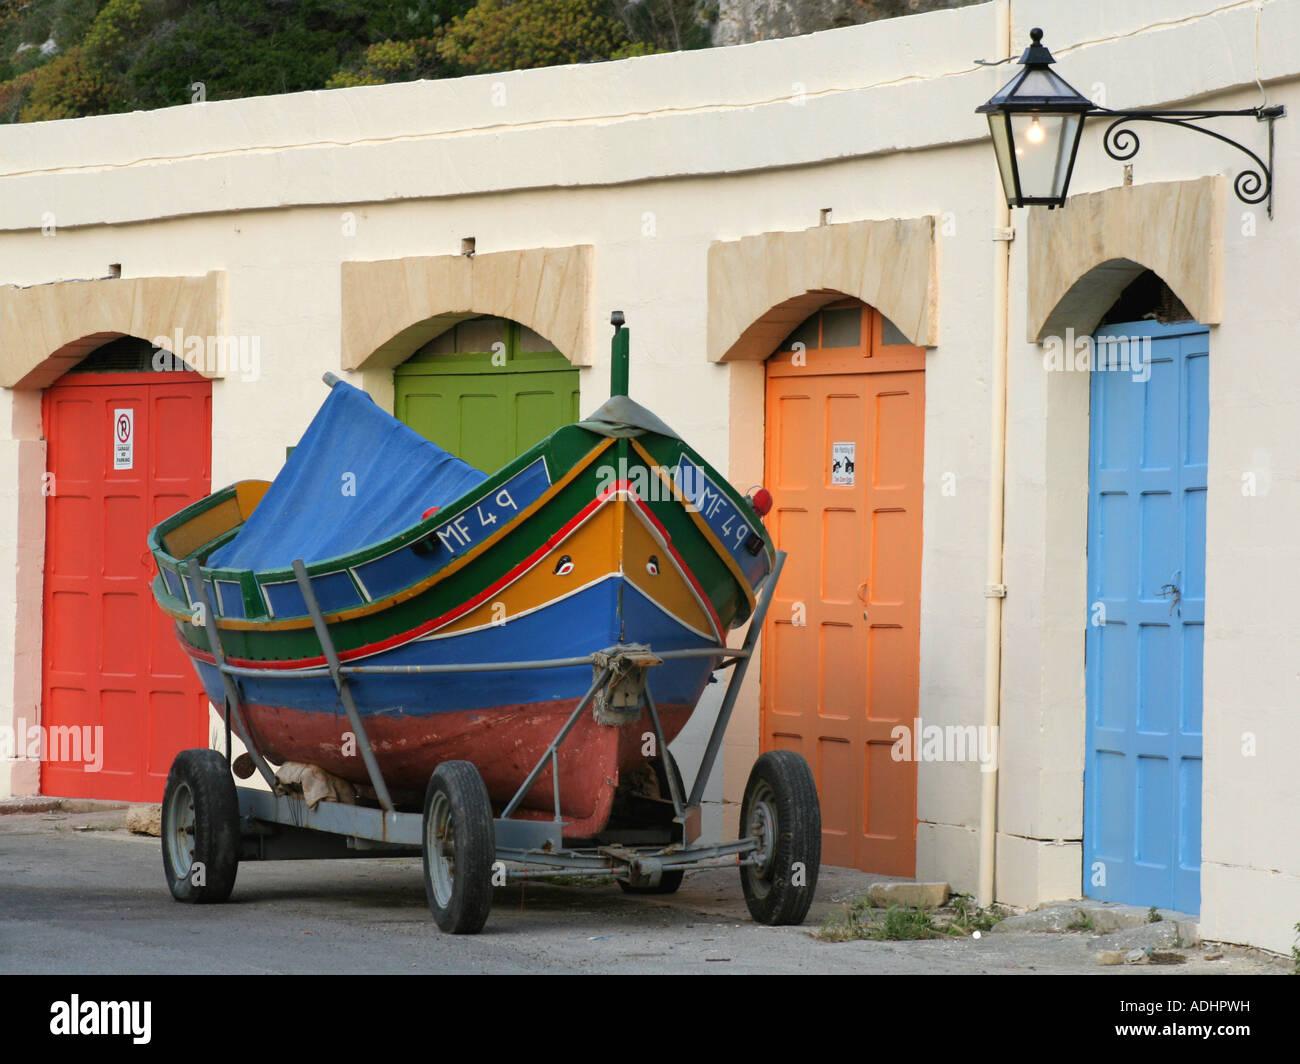 (Luzzu Maltese tradizionale barca da pesca) su un rimorchio al di fuori di una fila di garage di Xlendi, Gozo, Malta Foto Stock